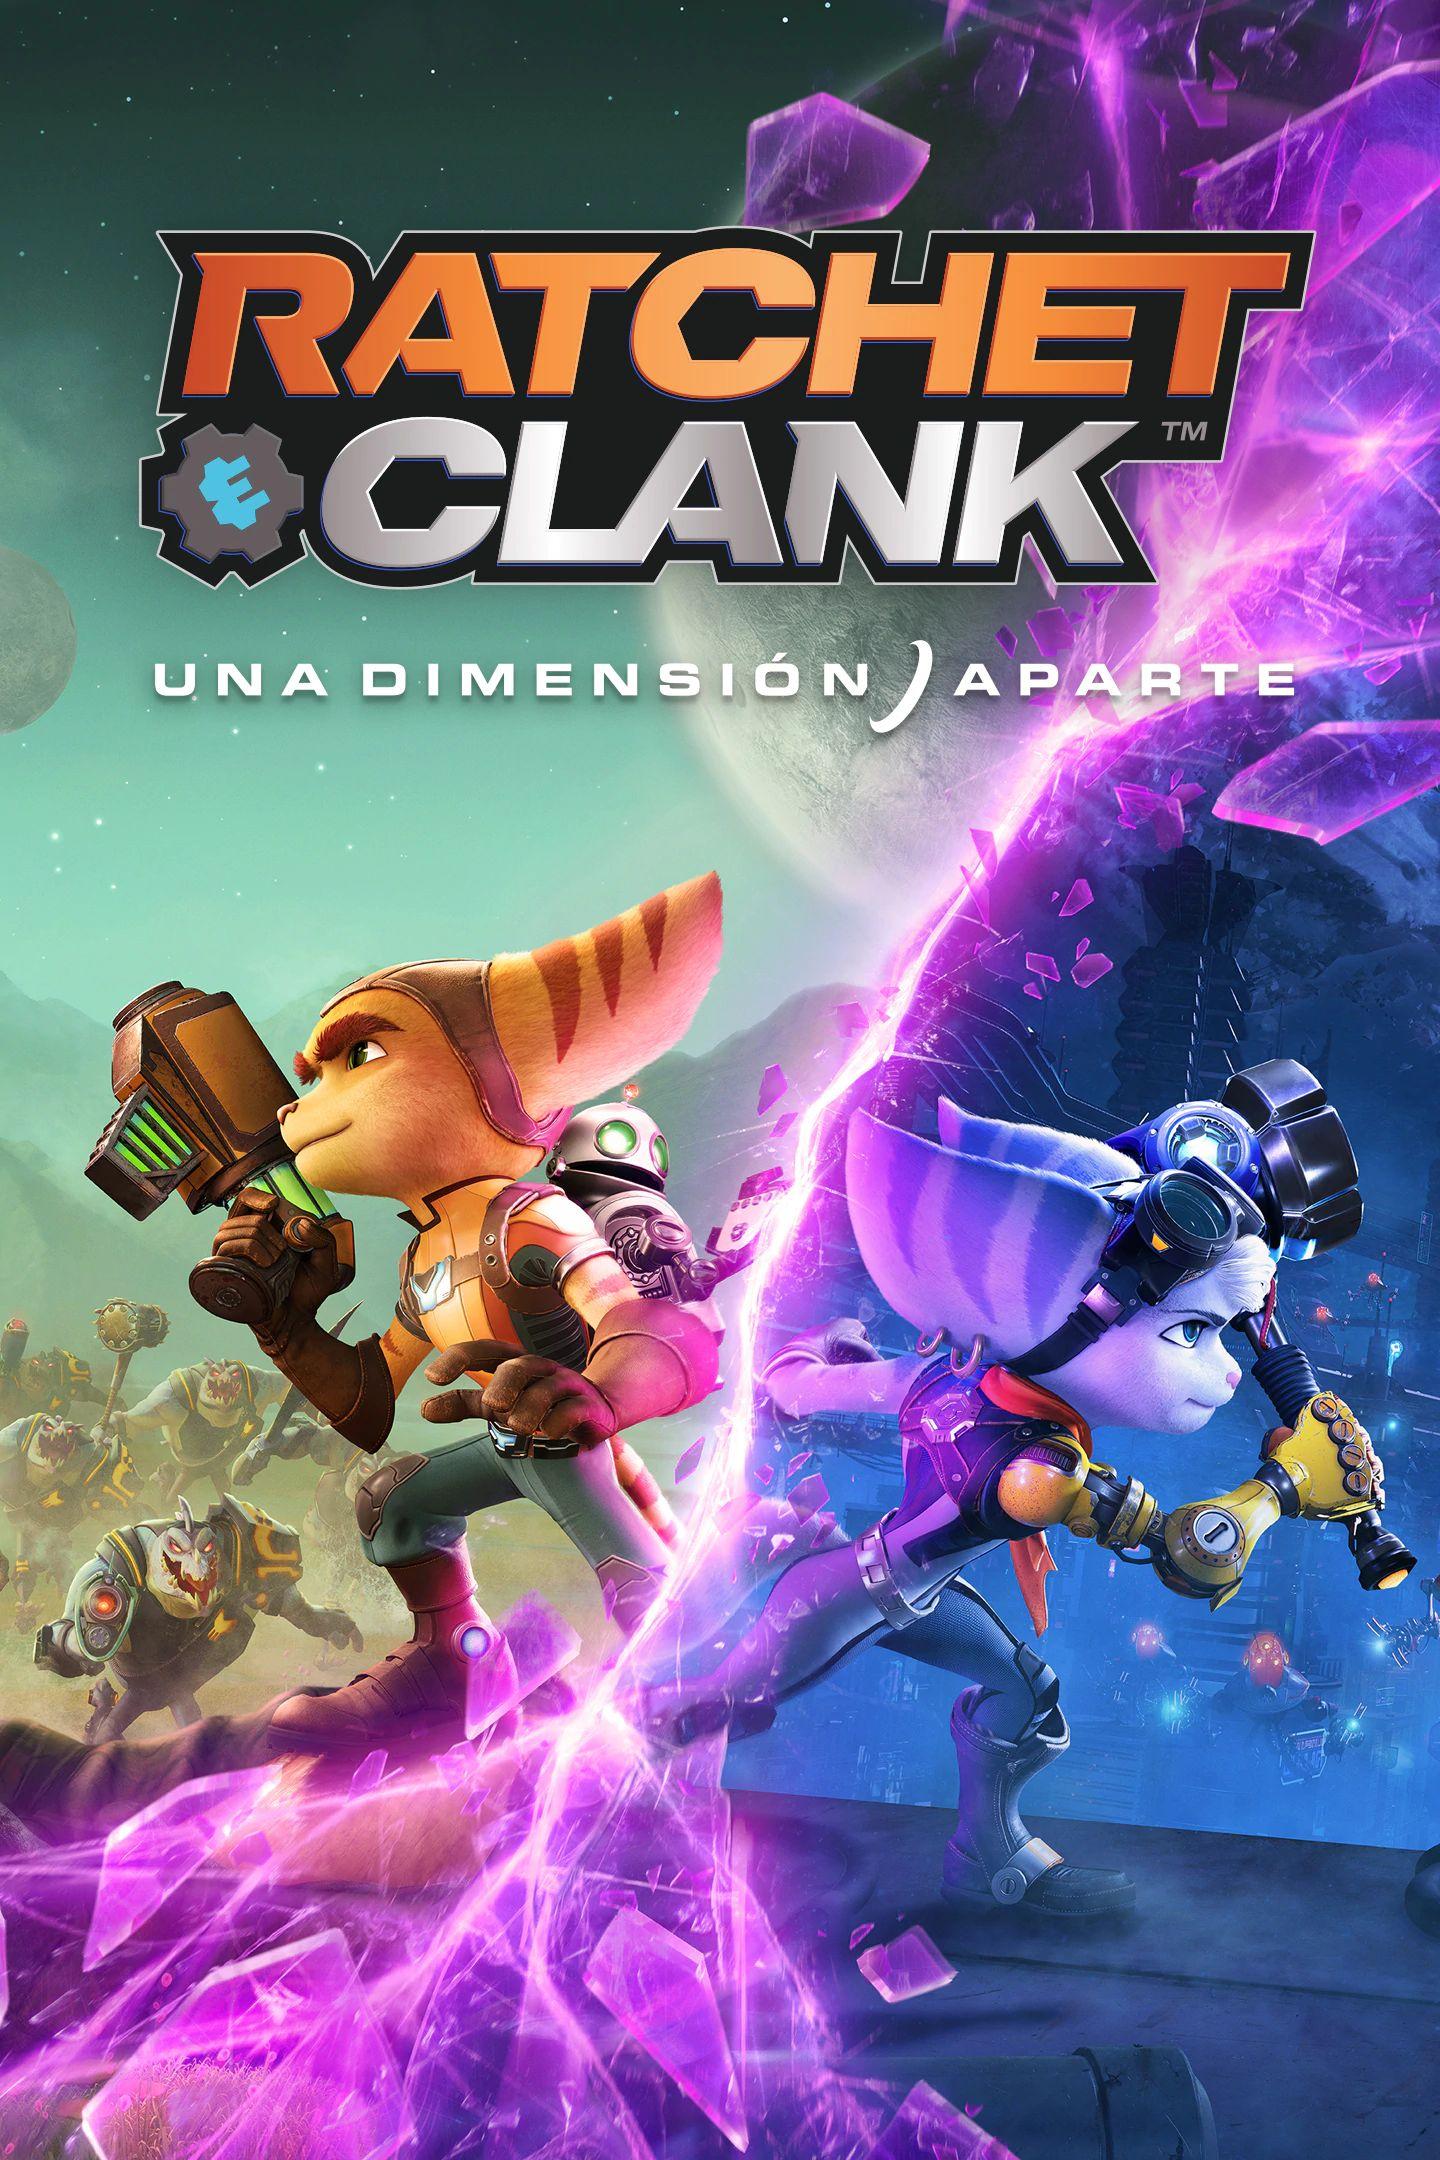 Rachet & Clank: una dimensión aparte